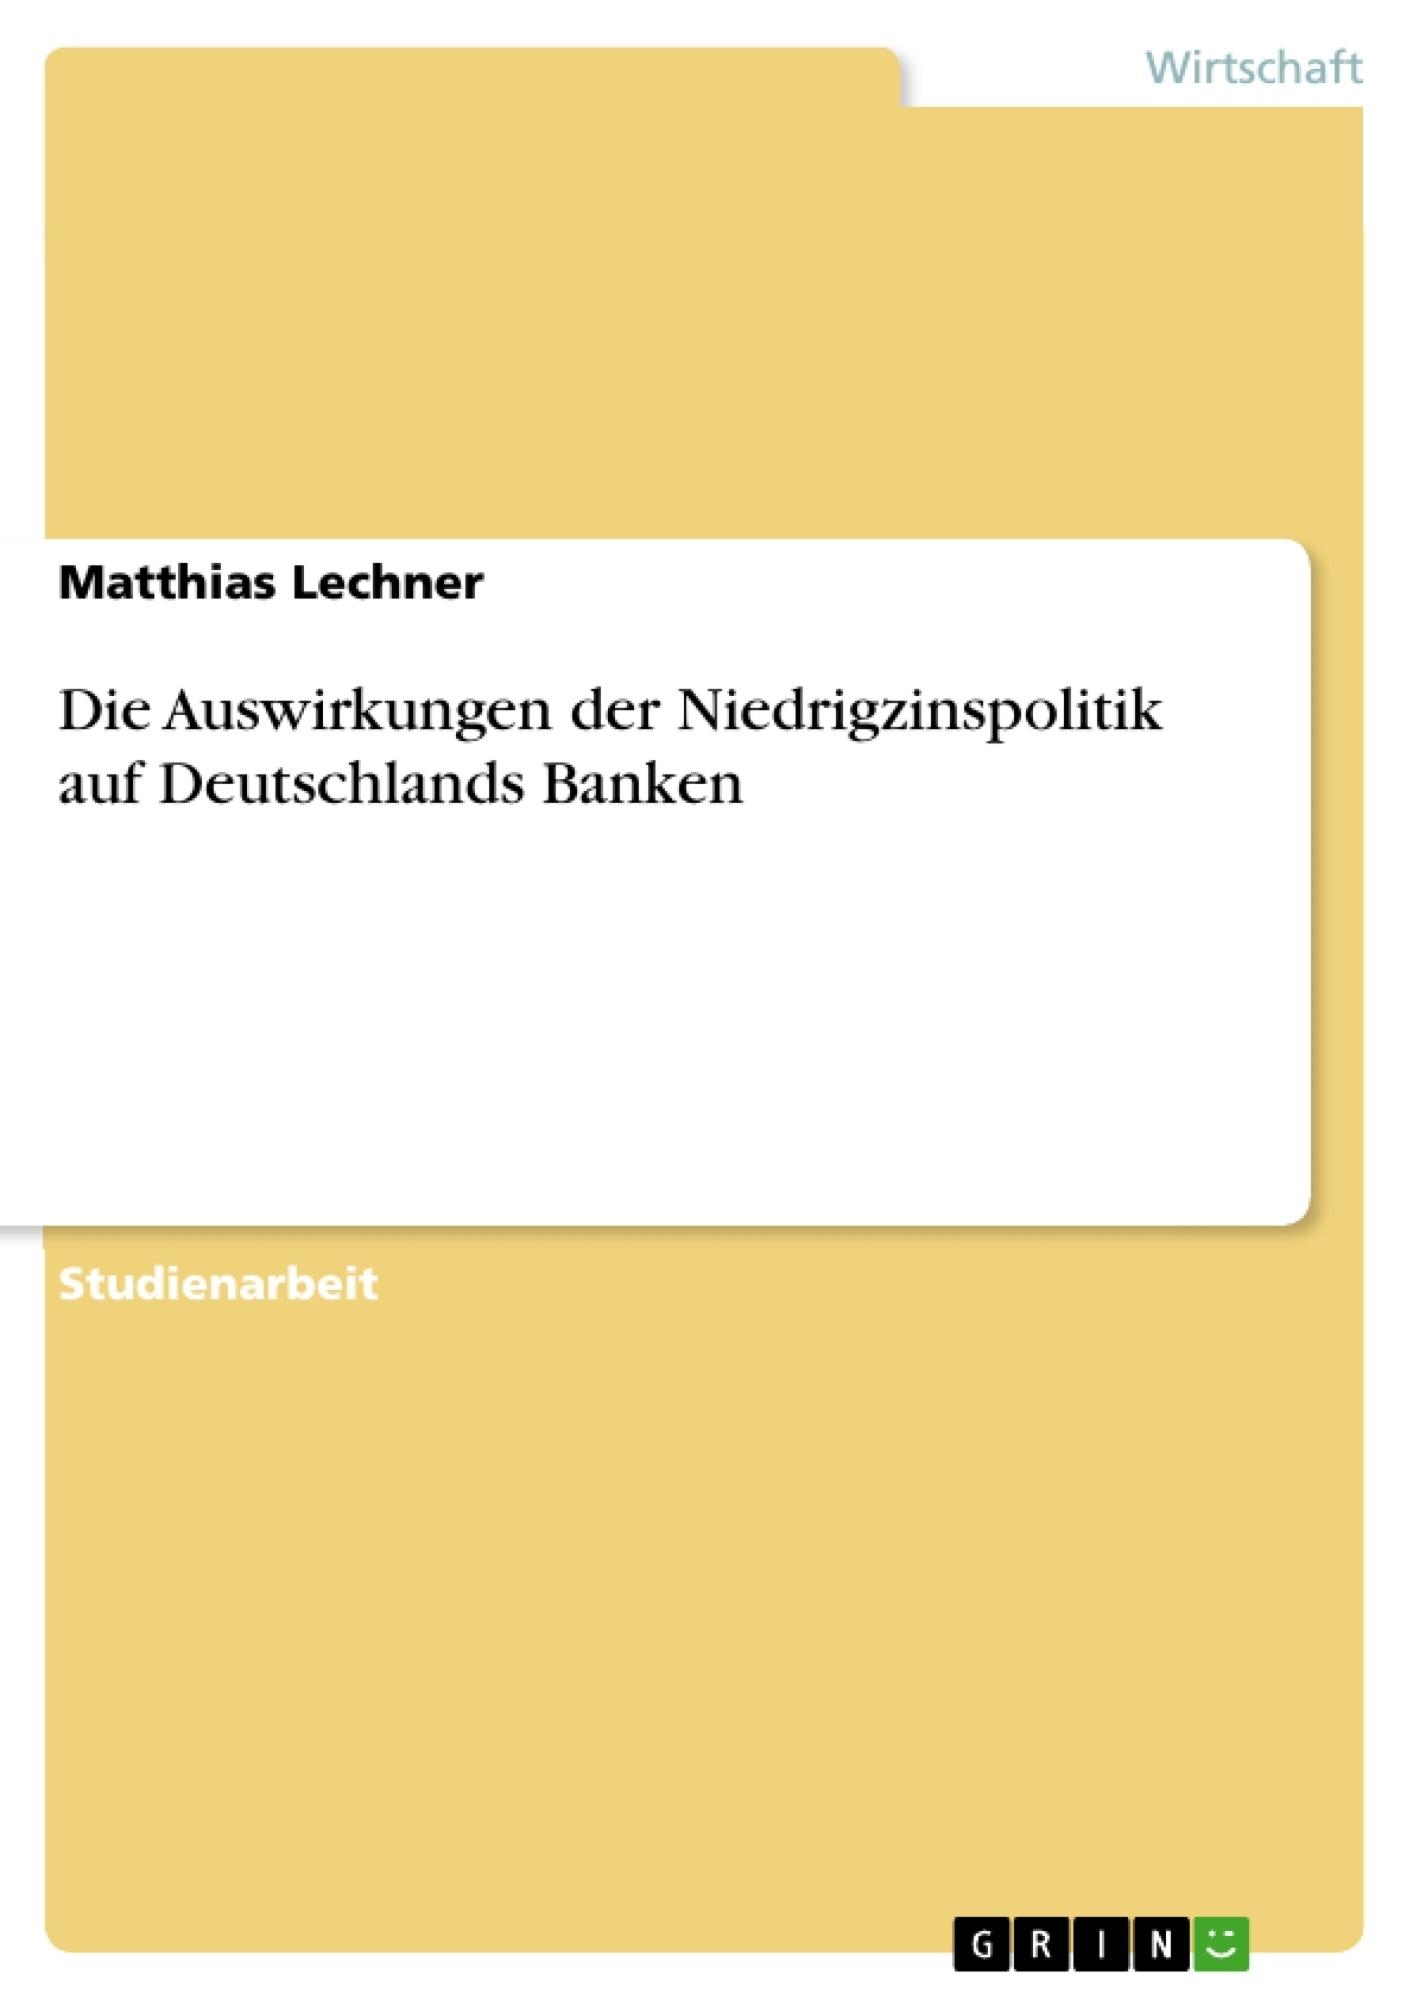 Titel: Die Auswirkungen der Niedrigzinspolitik auf Deutschlands Banken